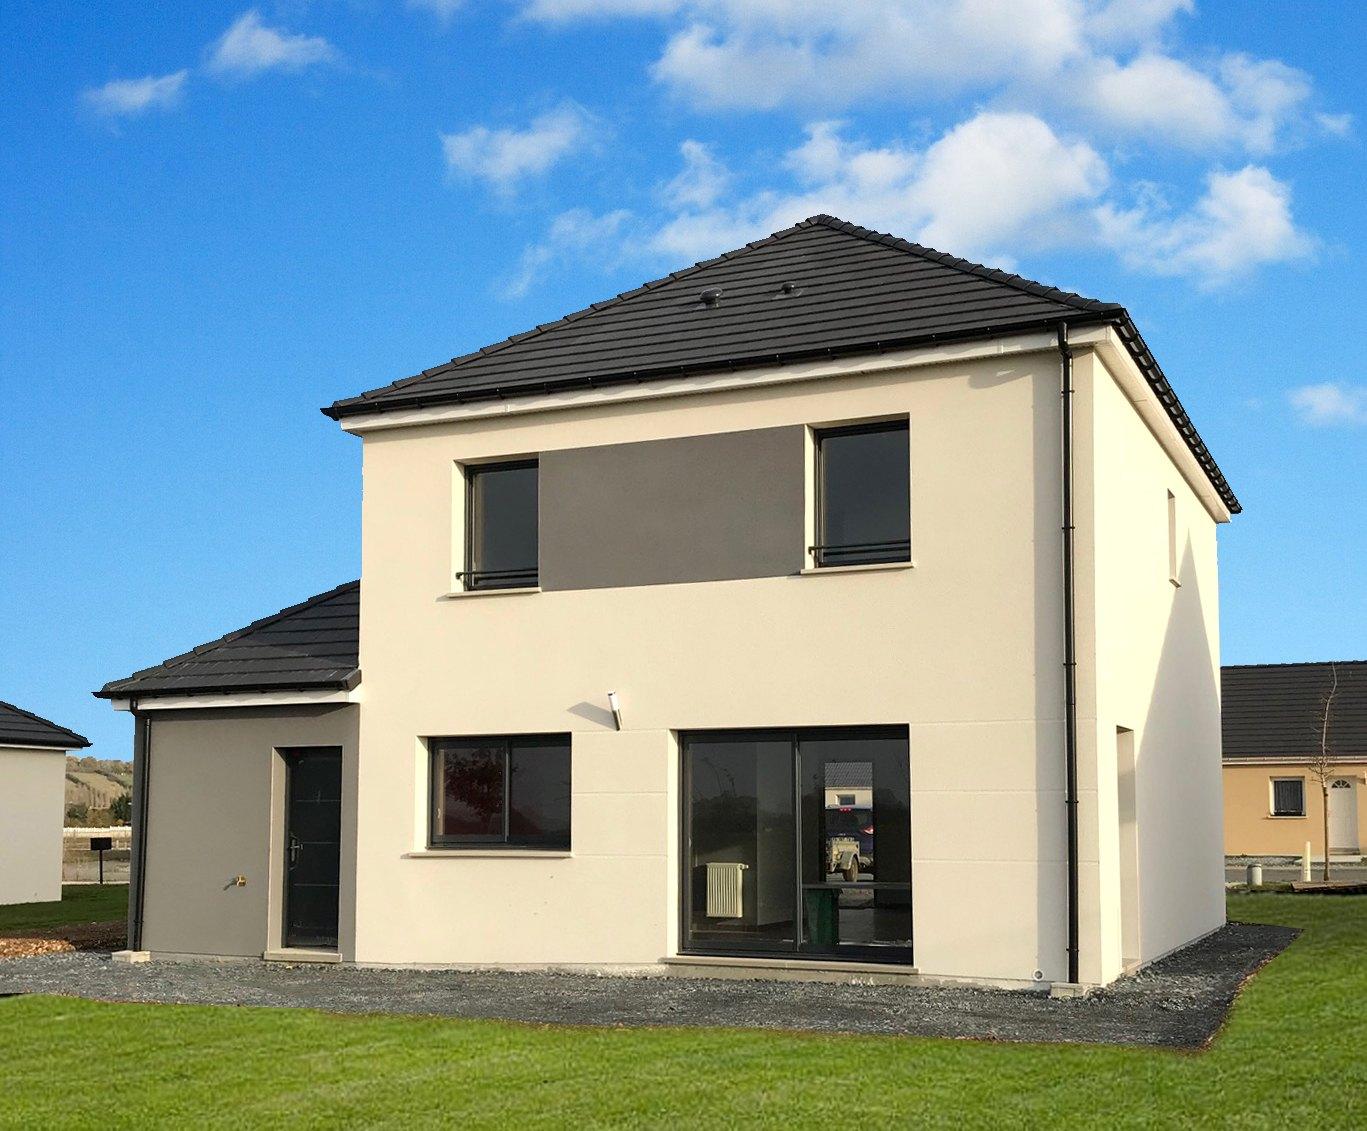 Maisons + Terrains du constructeur MAISON FAMILIALE MANTES • 110 m² • AUBERGENVILLE